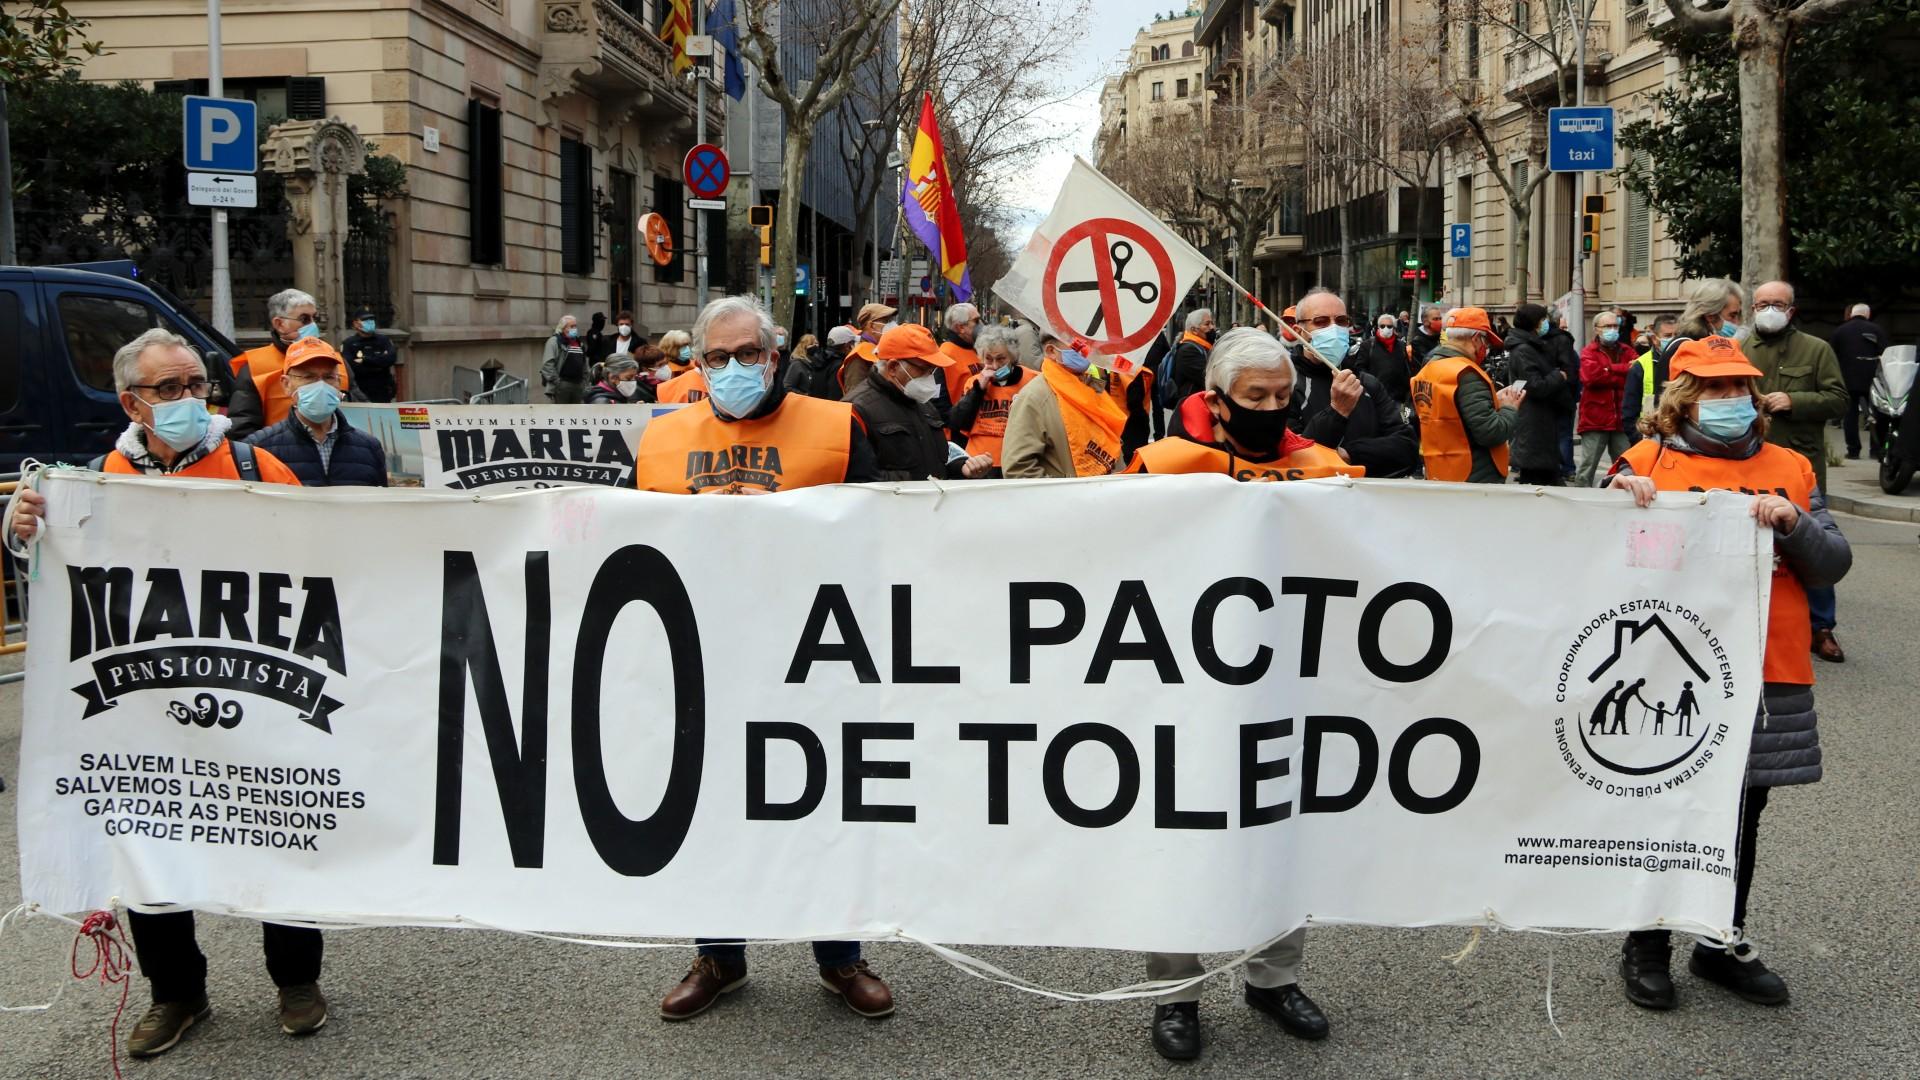 protesta marea pensionista